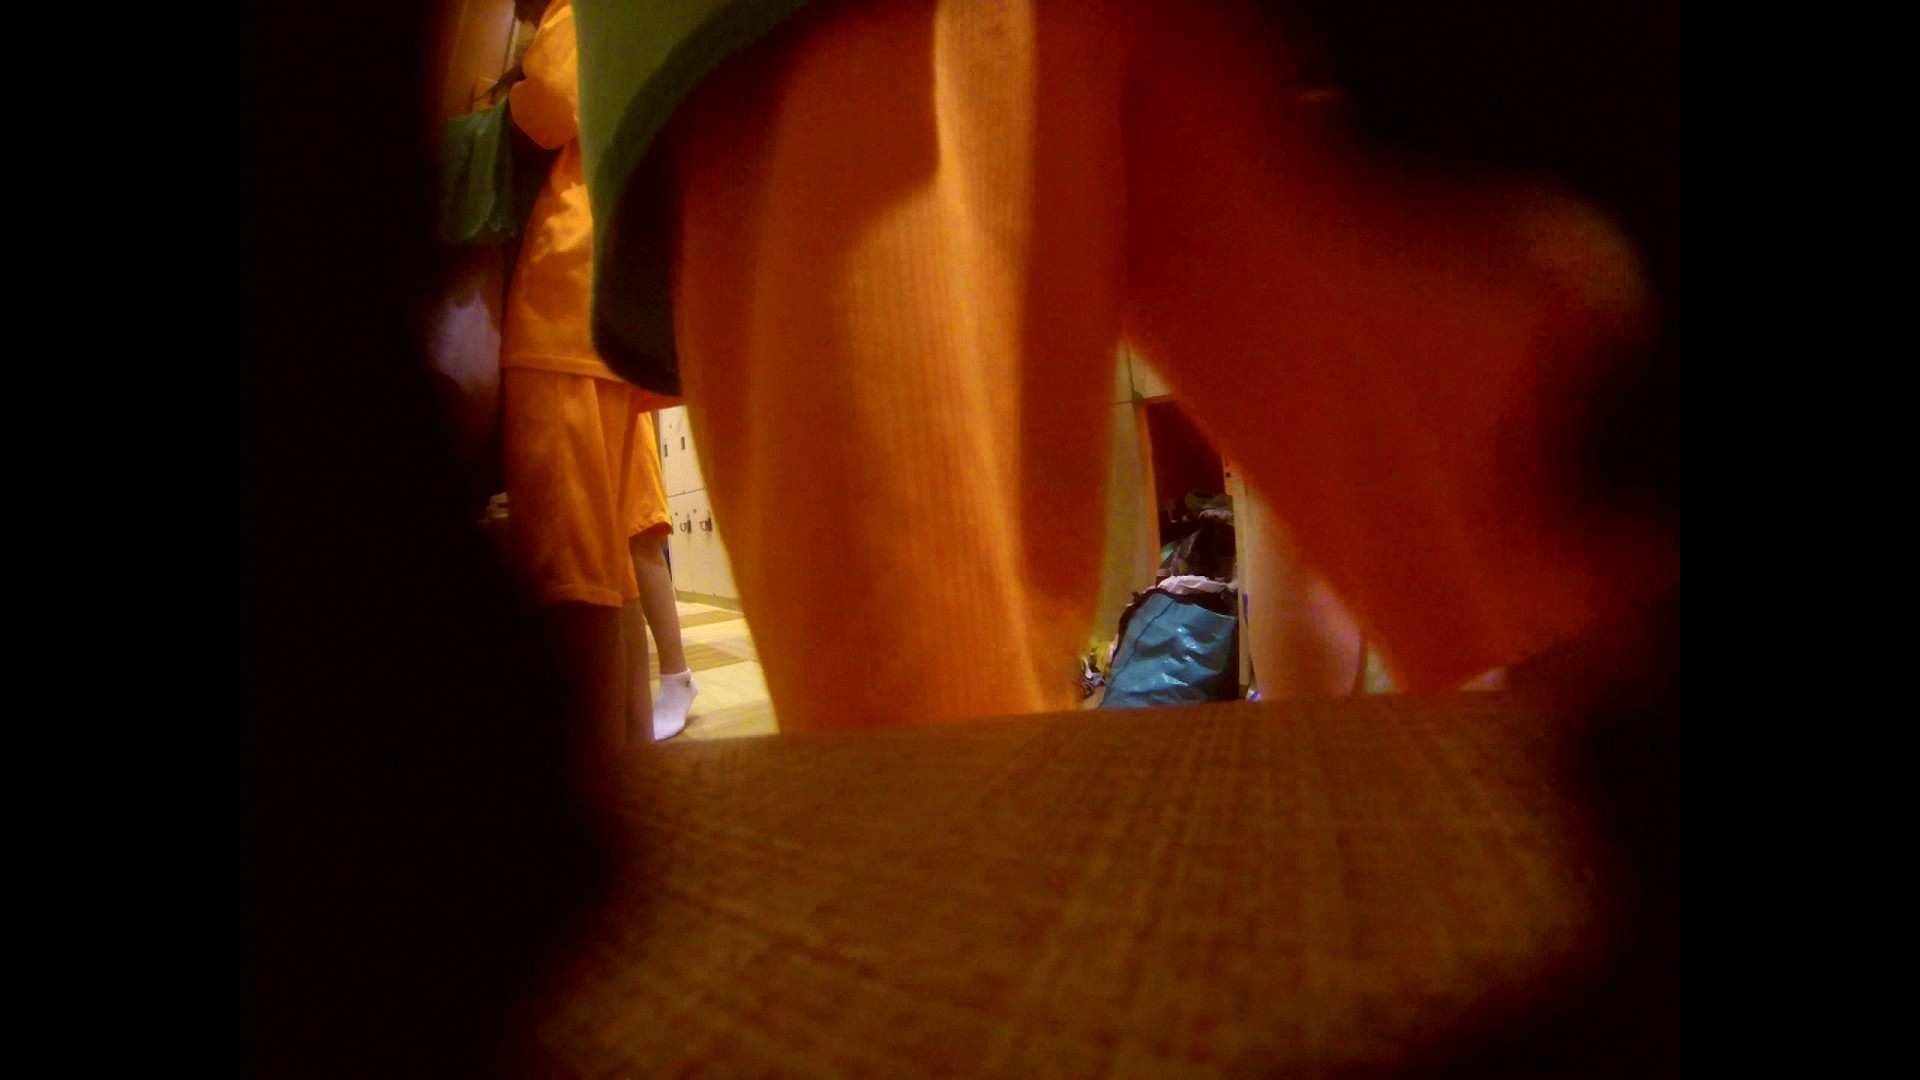 追い撮り!ヤった!二代目さん!エロカワギャル登場です。 美肌 オメコ無修正動画無料 108枚 27